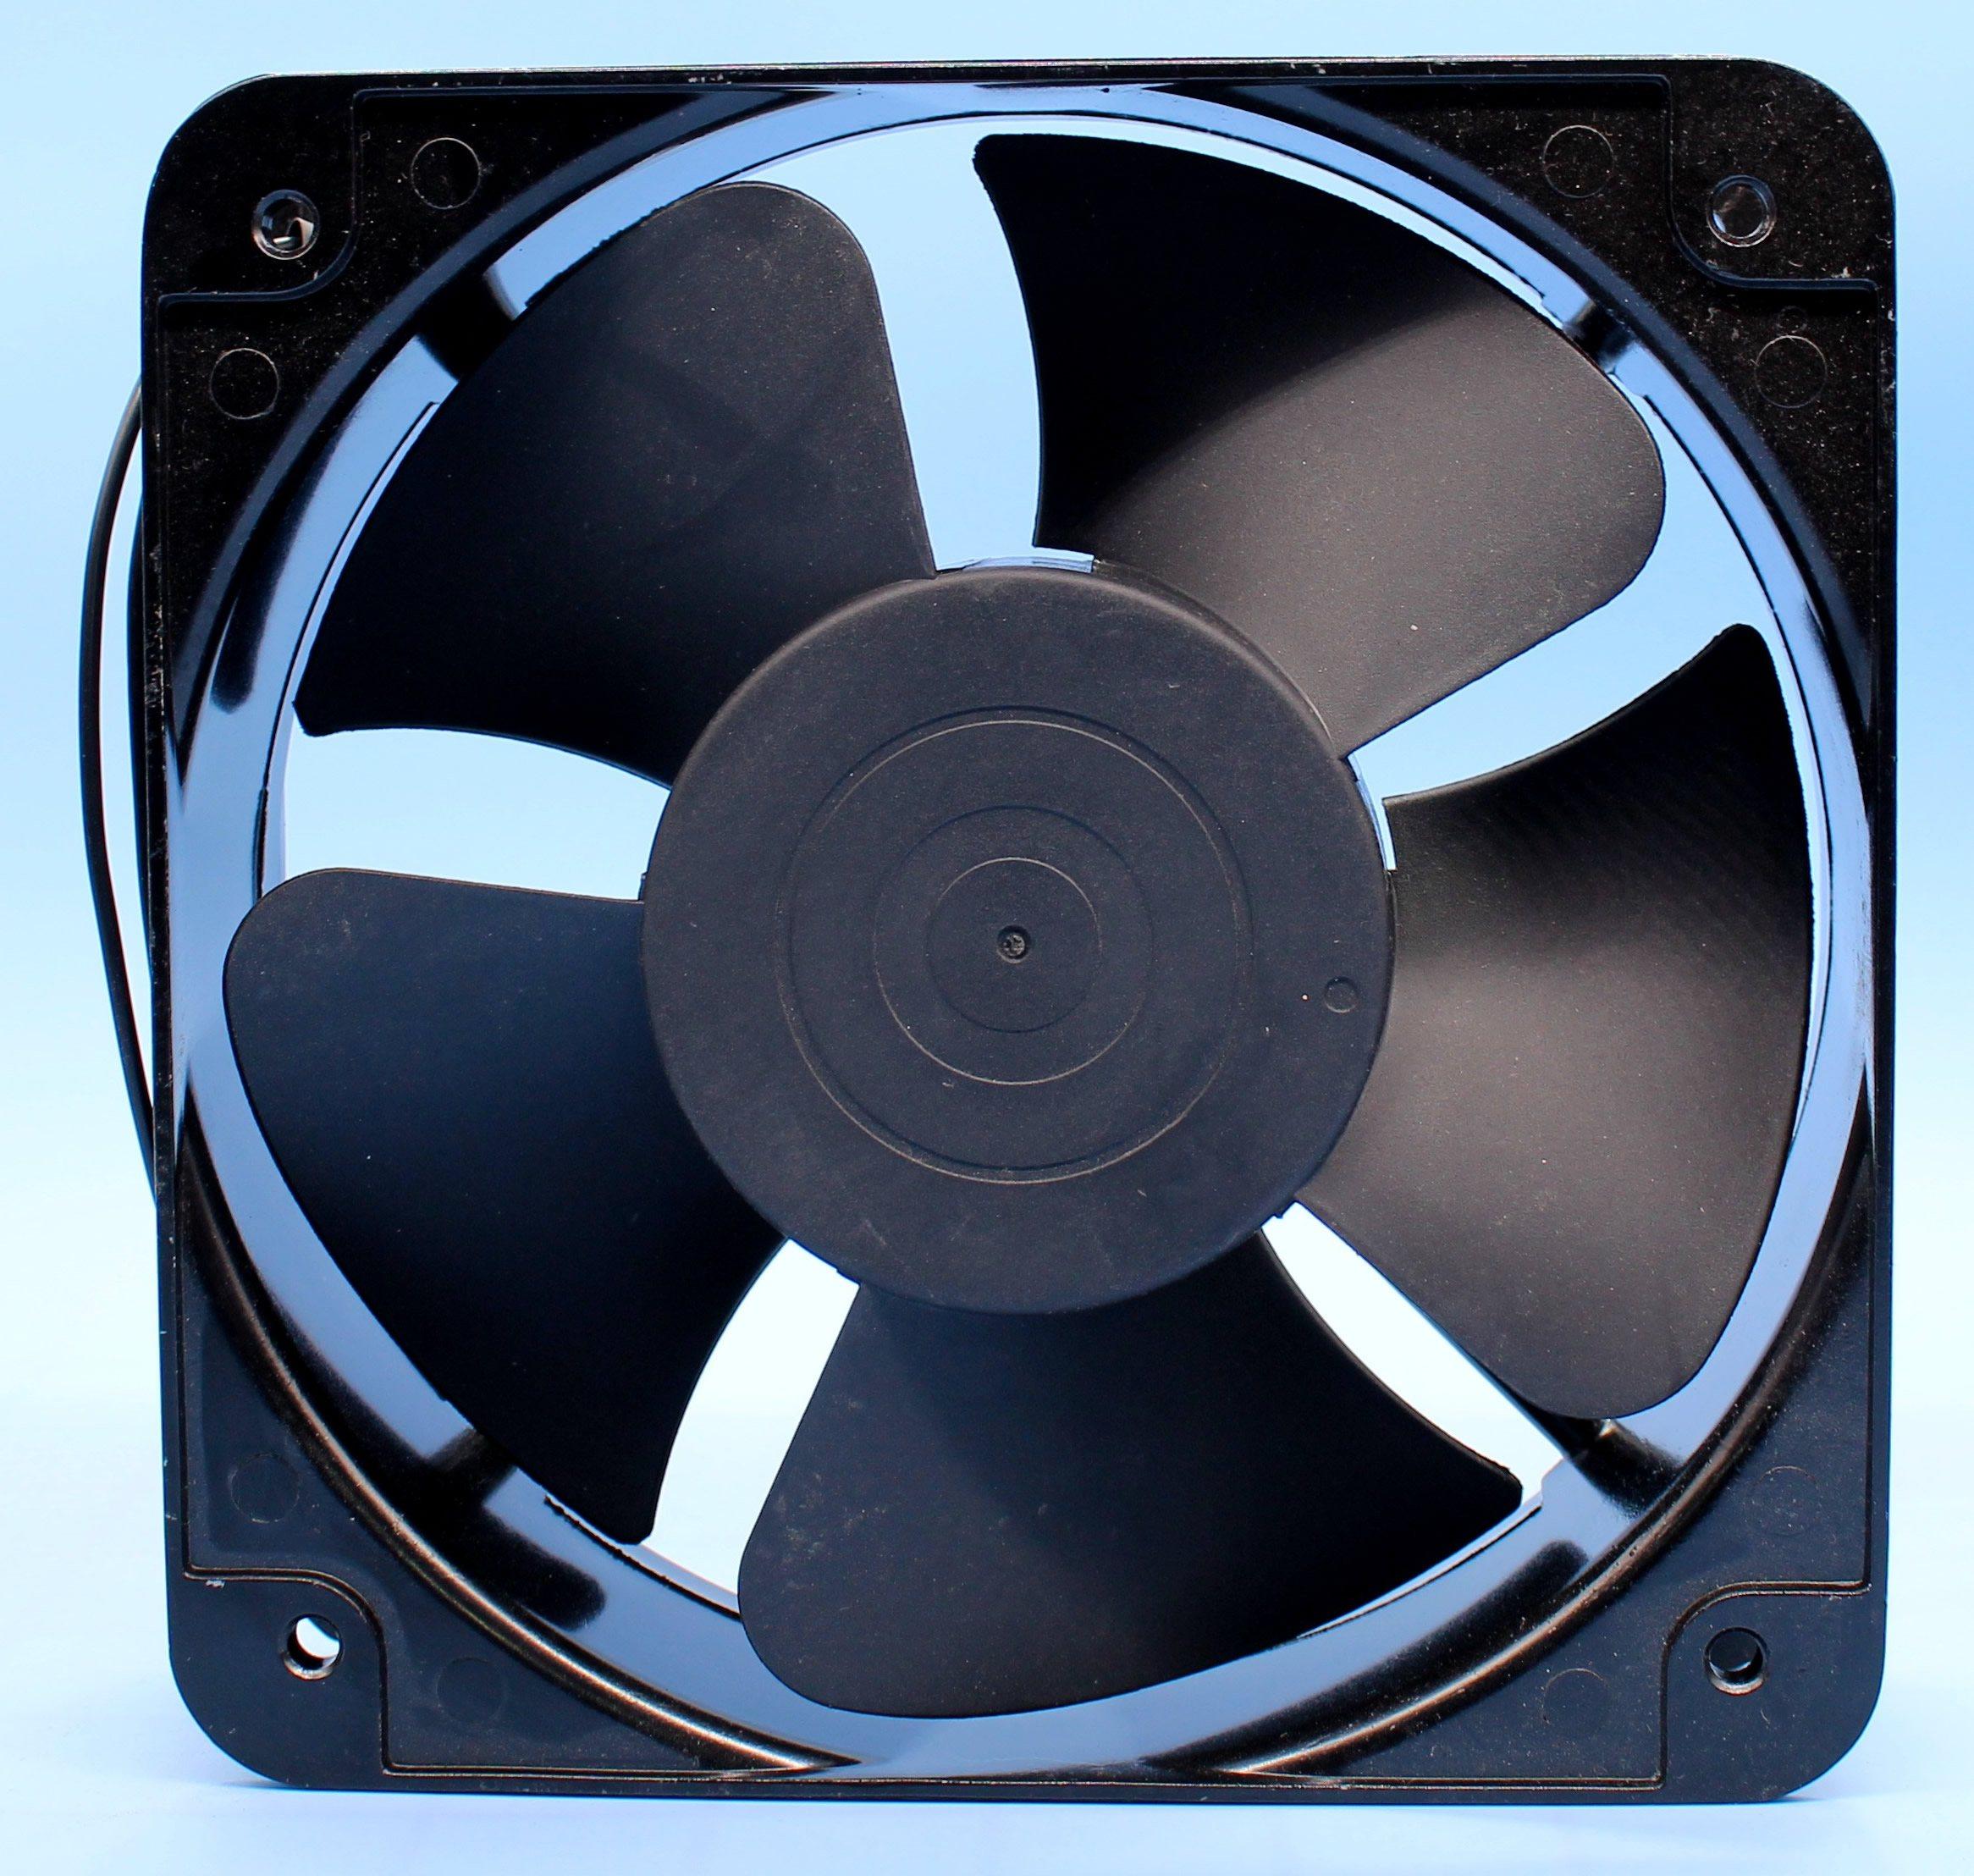 KAKU KA1806HA2 0.35A 220V ball cooling axial fan